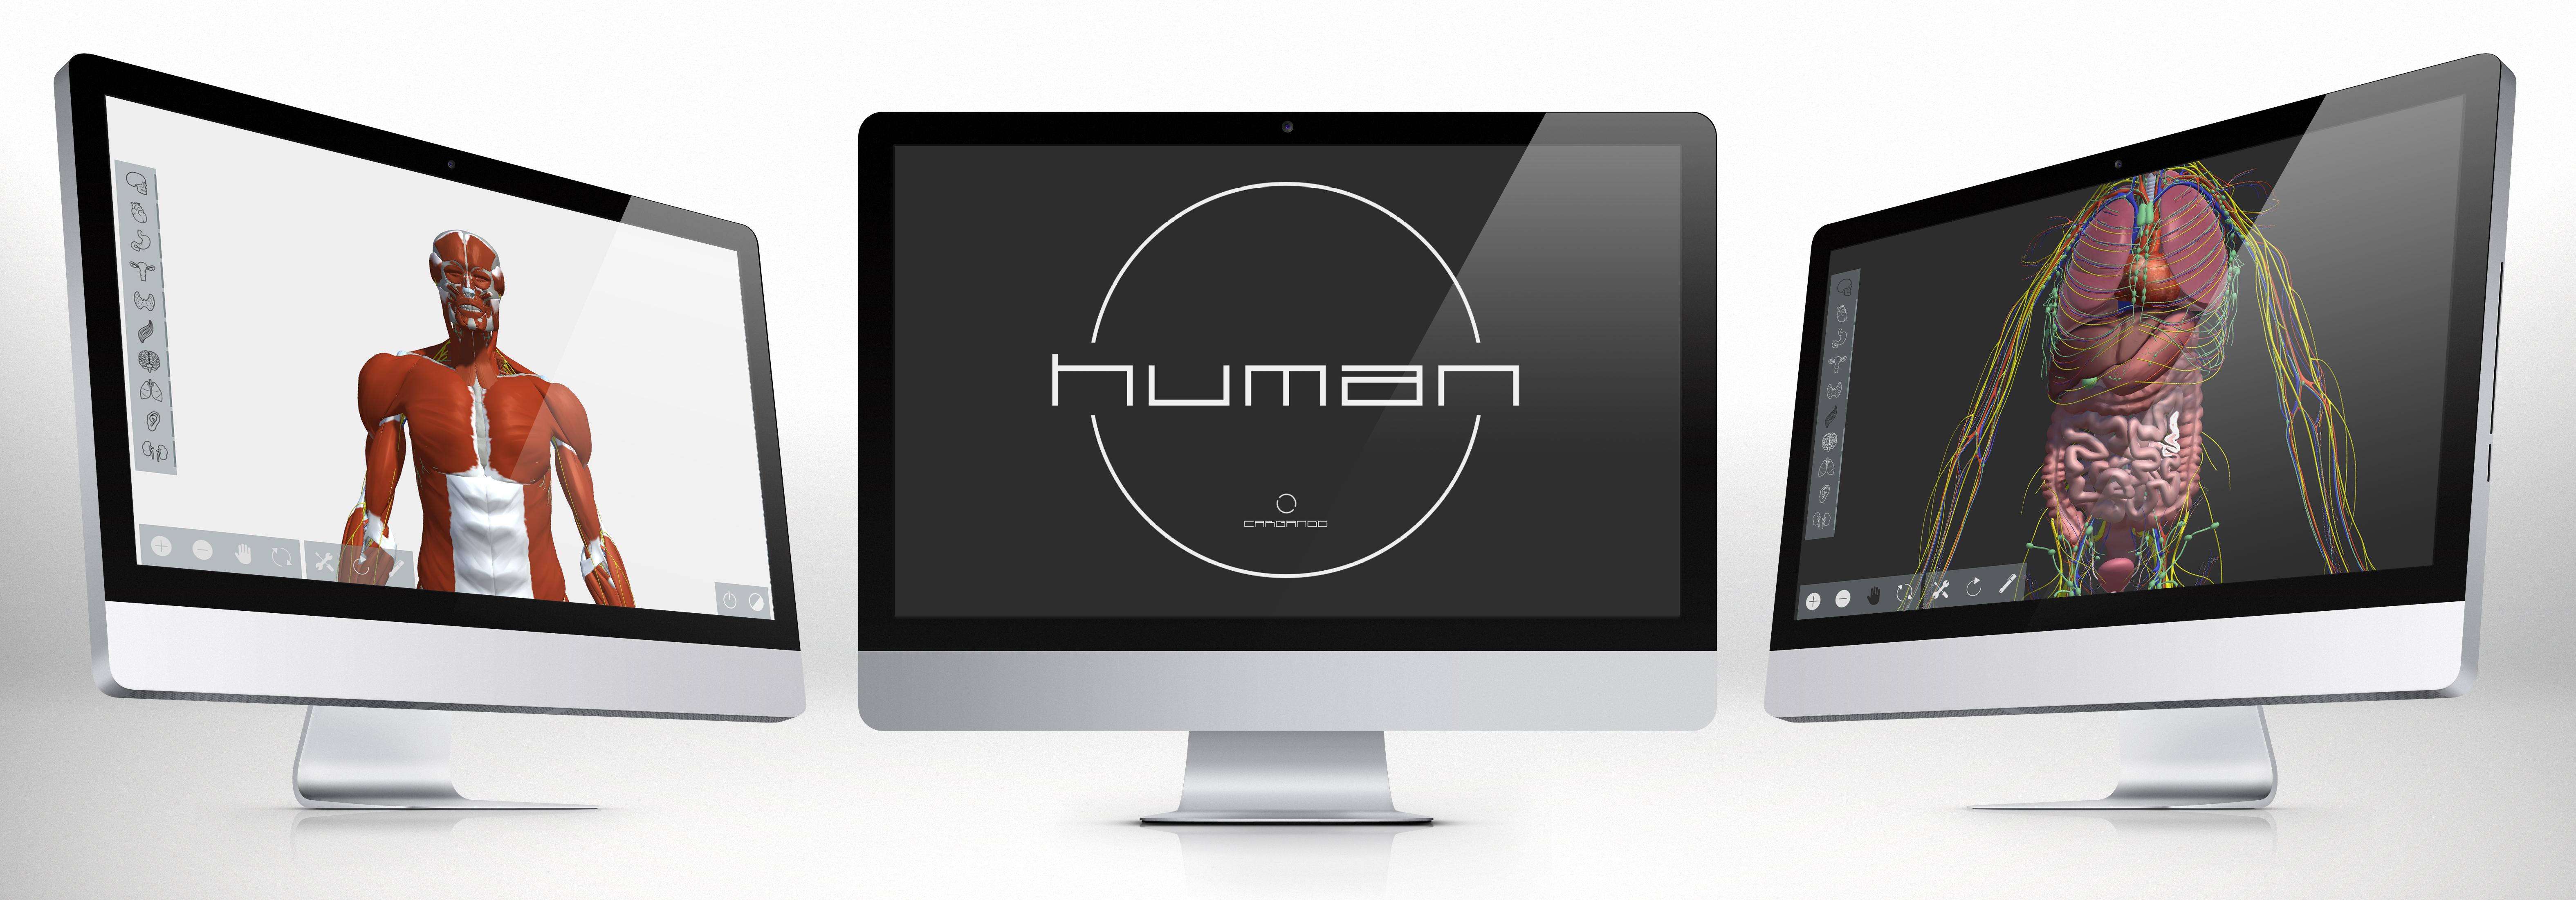 Human atlas interactivo 3D anatomía